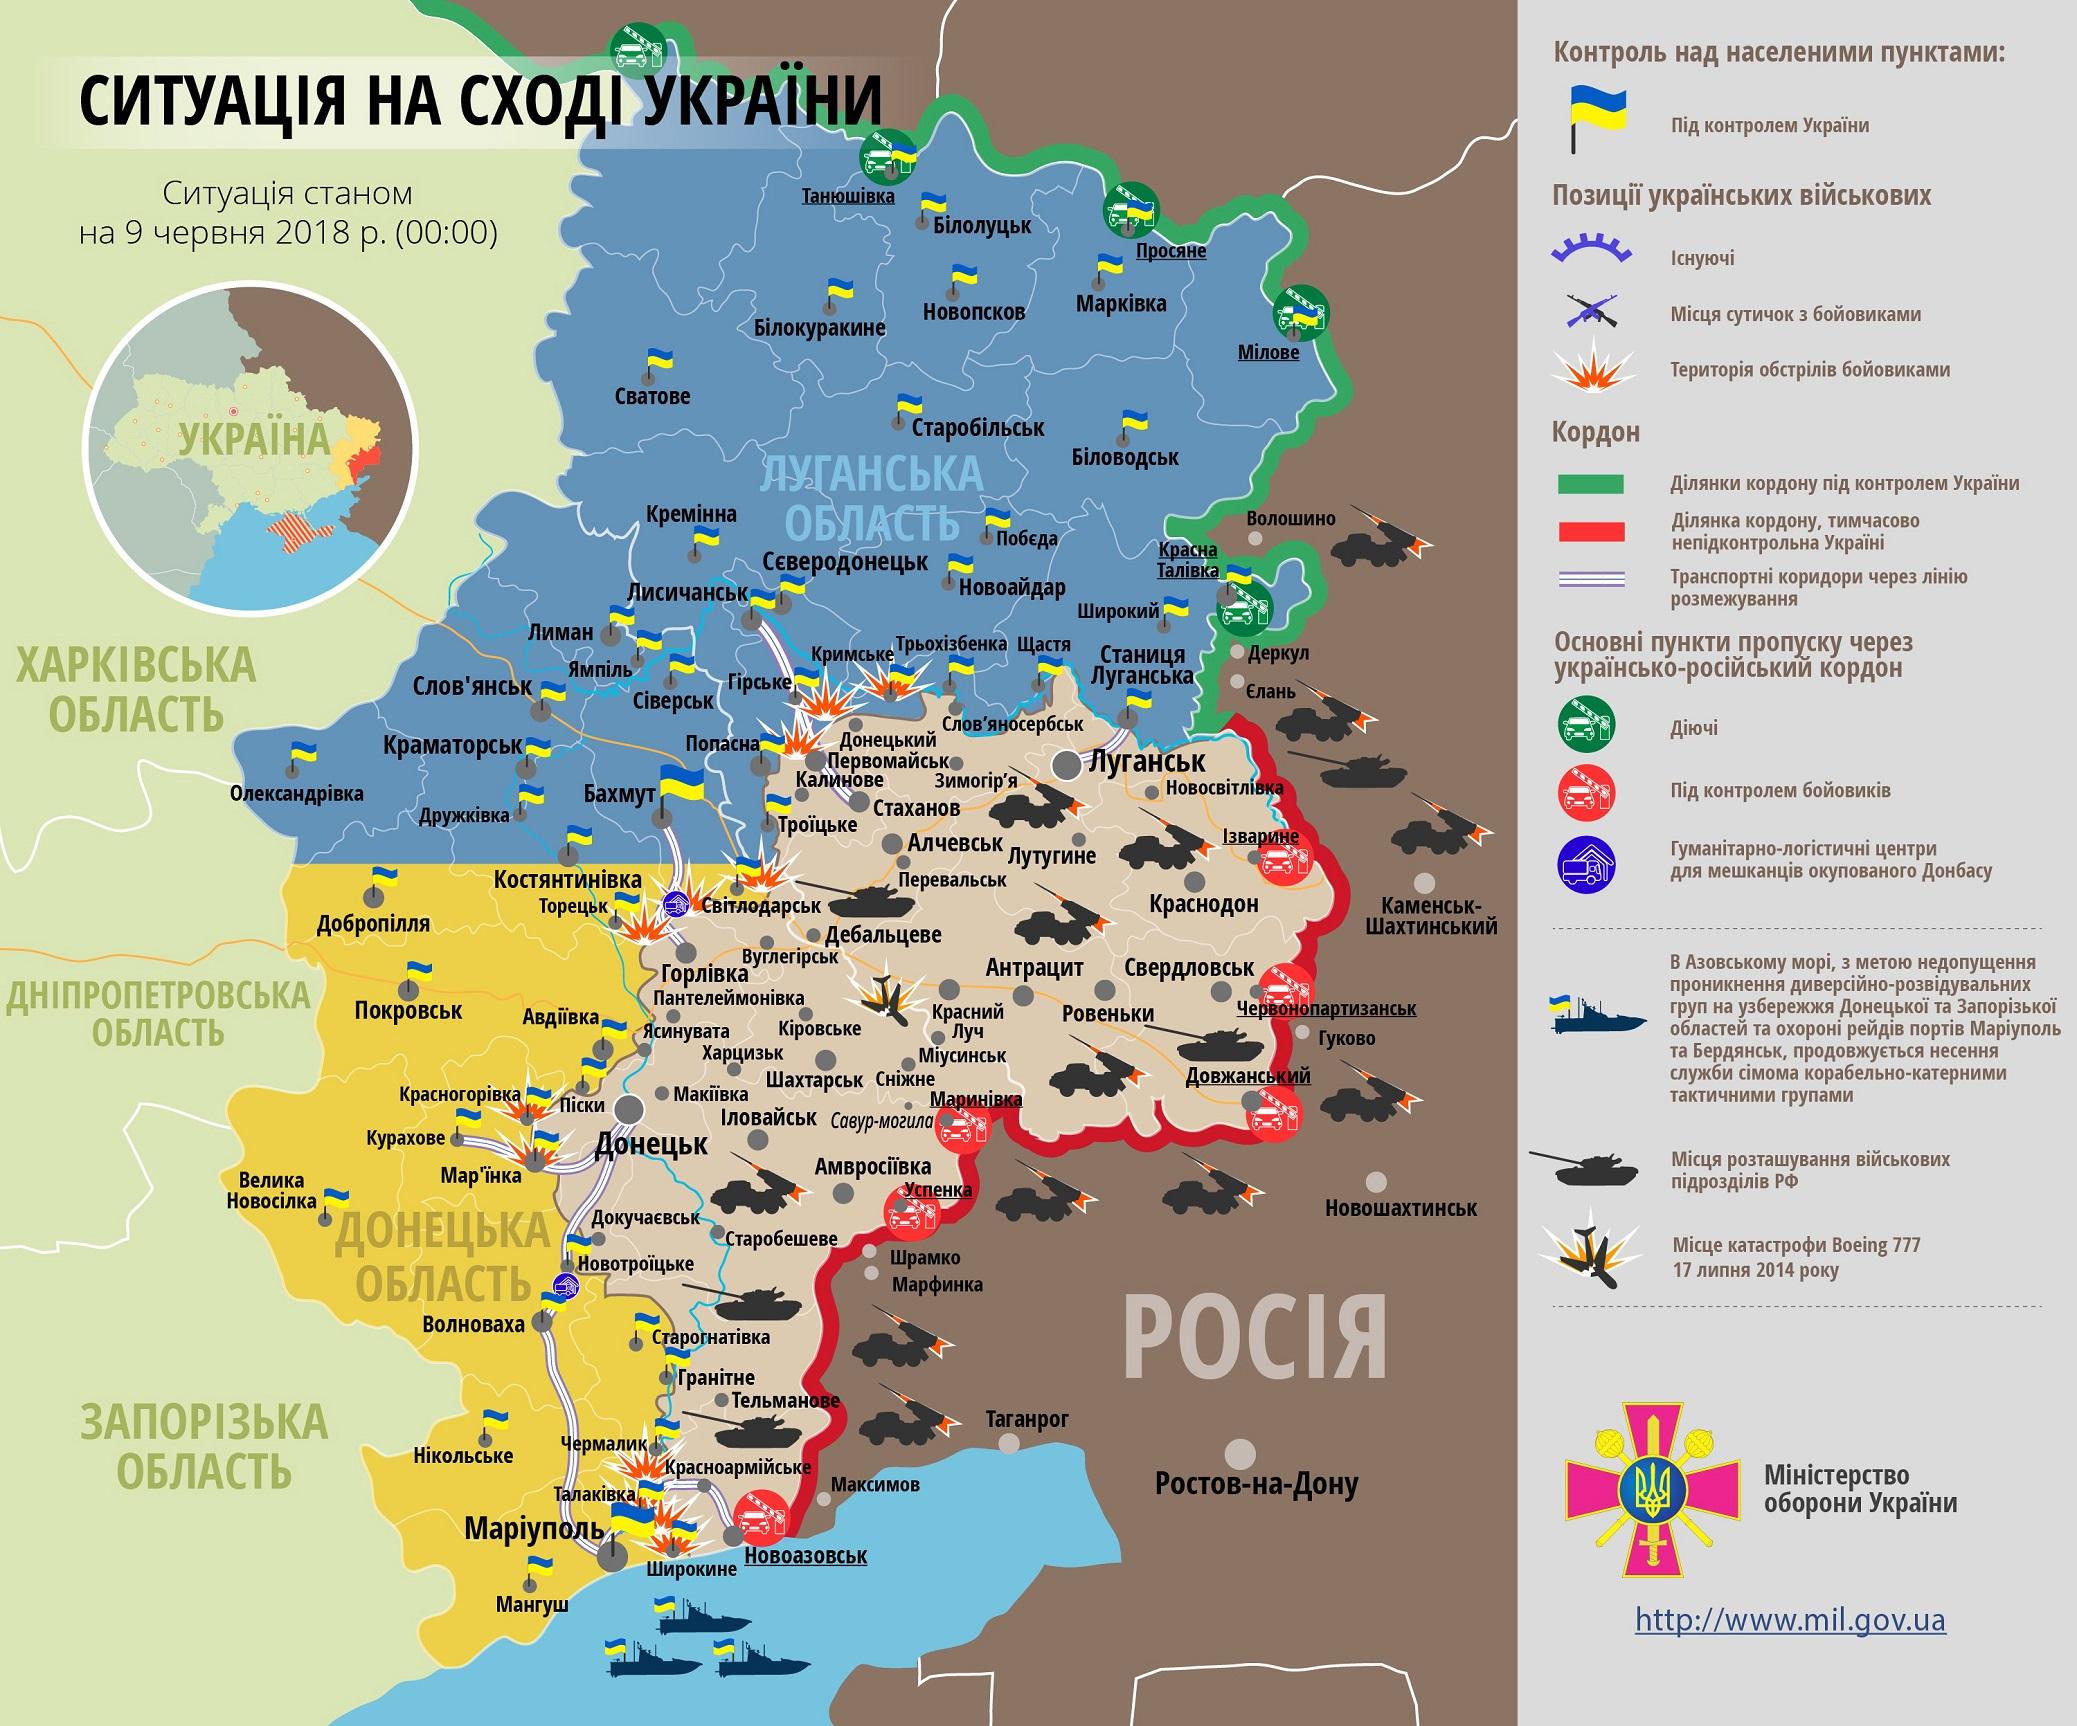 донецк, луганск, карта оос, ато, донбасс, лнр, днр, перемирие, оружие, зайцево, широкино, водяное, террористы, армия украины, армия россии